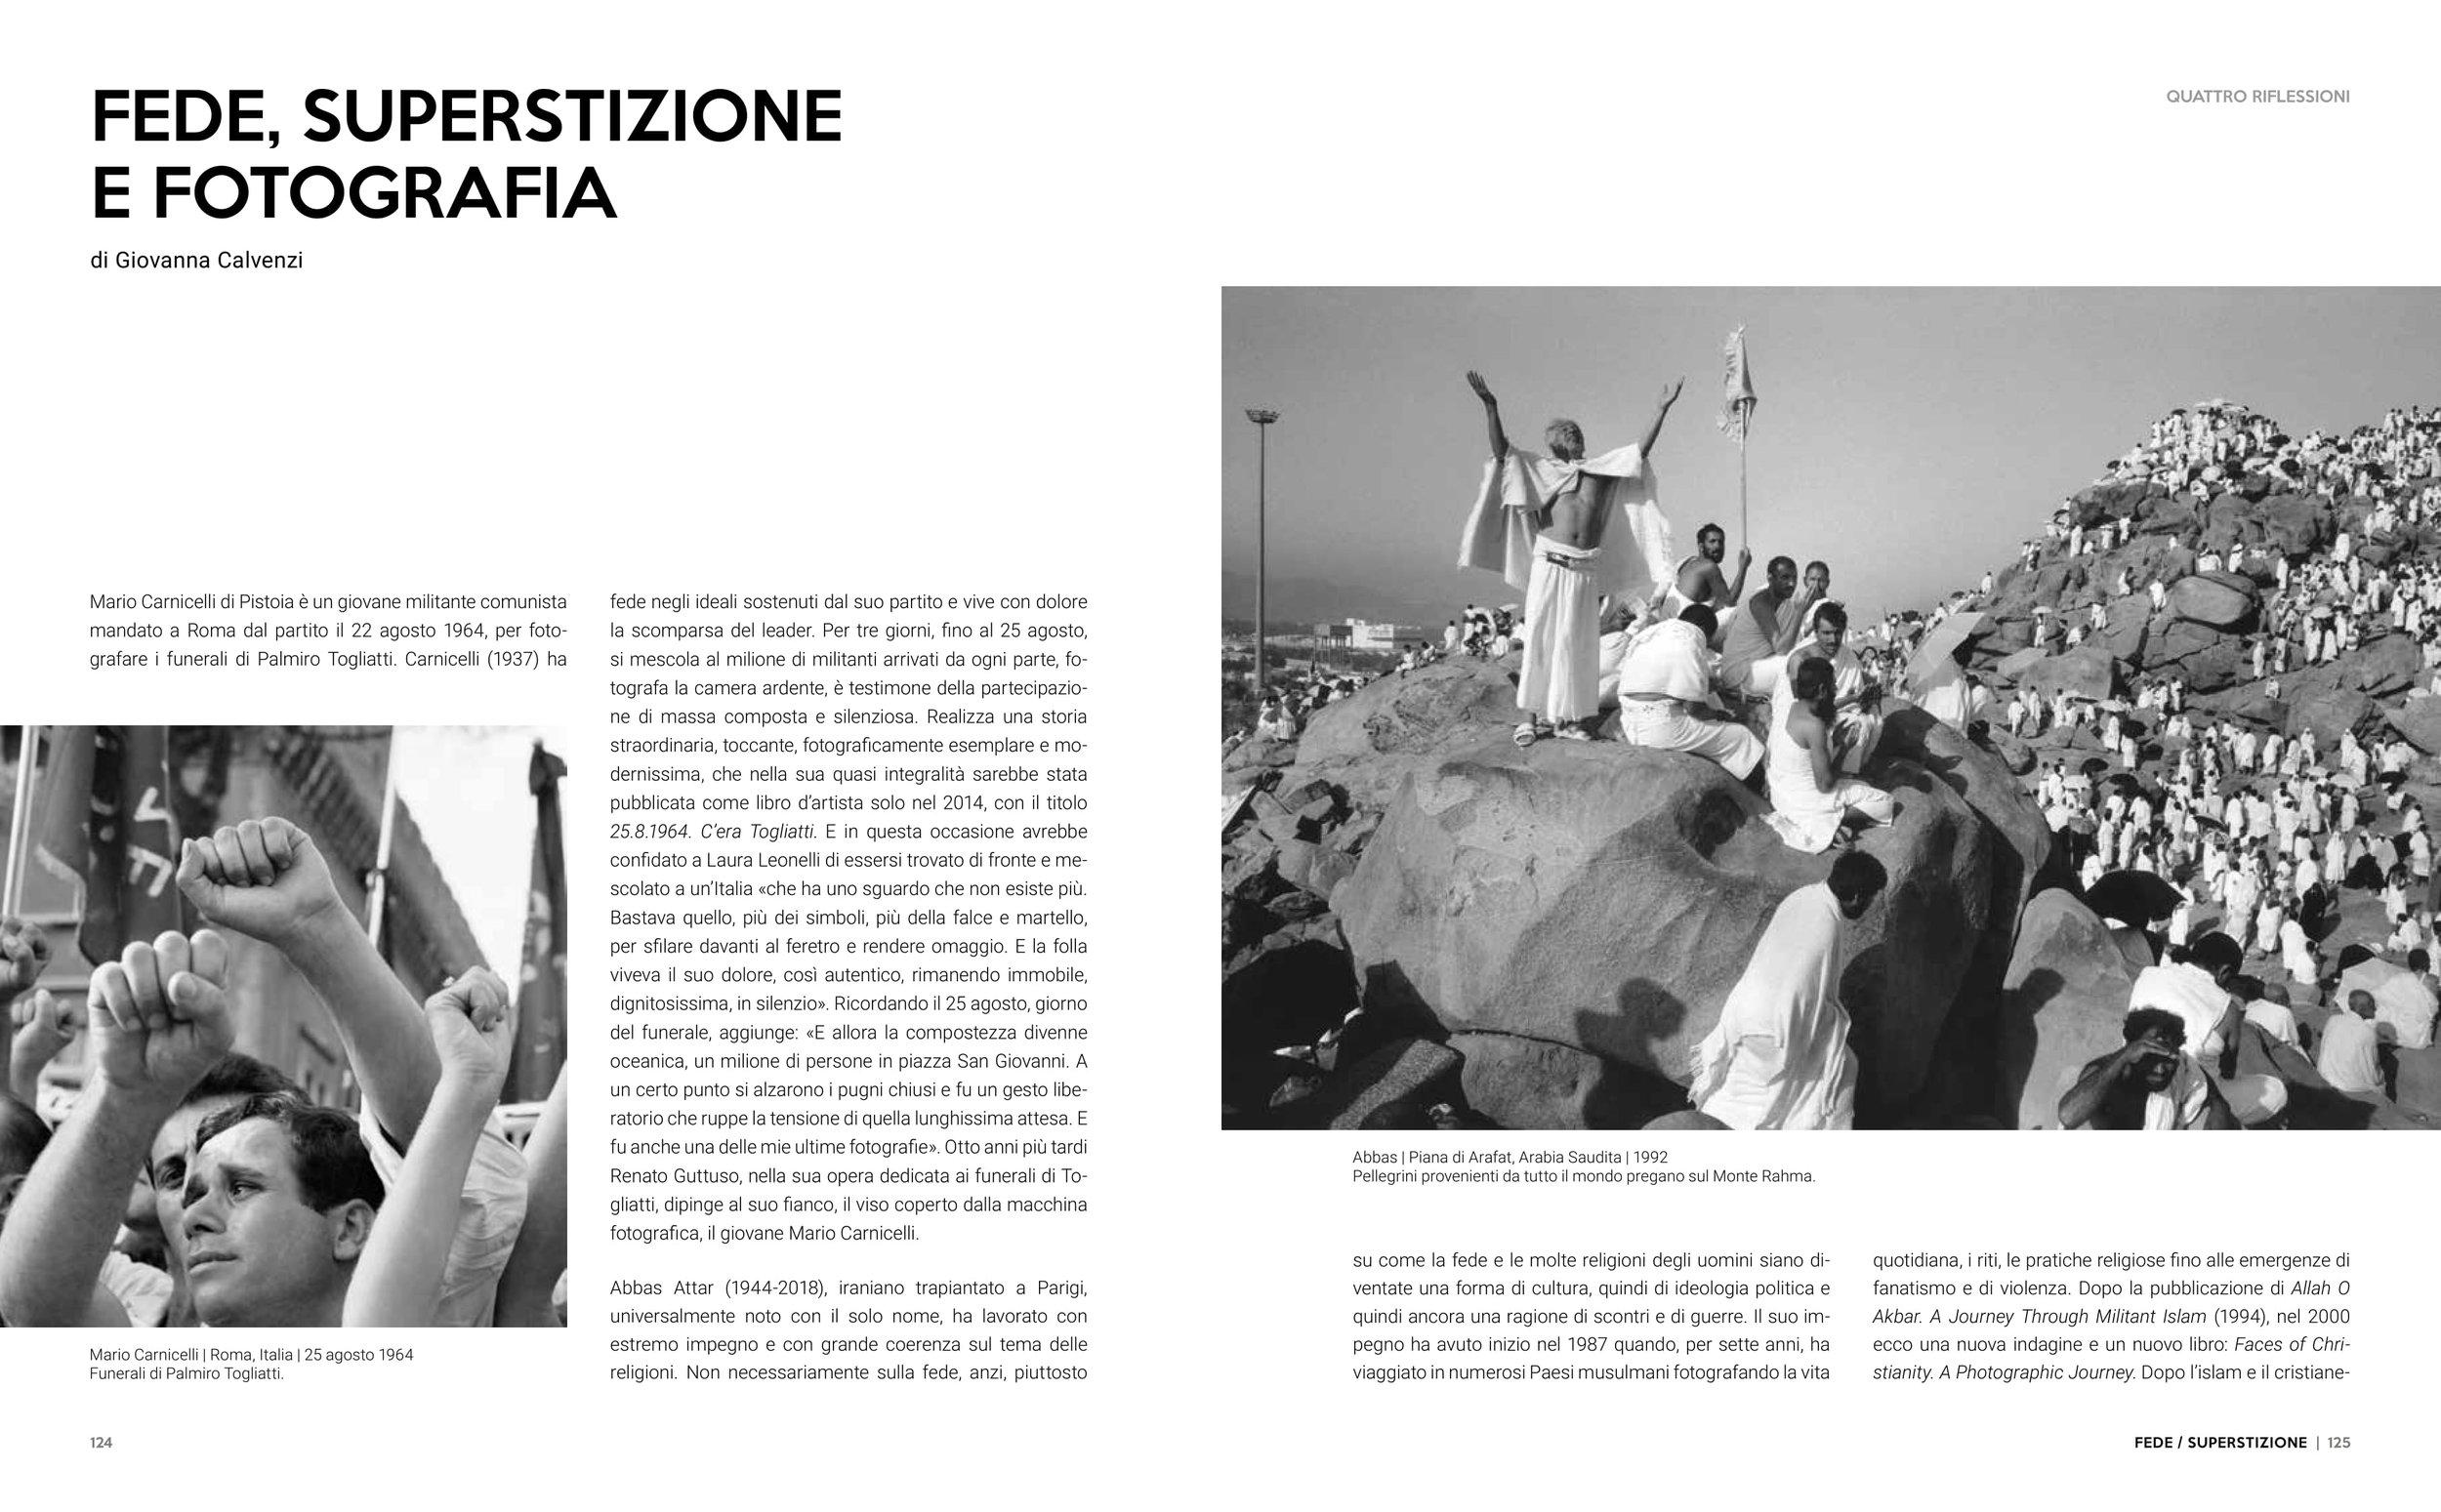 17_Fede_Superstizione_Calvenzi-2.jpg